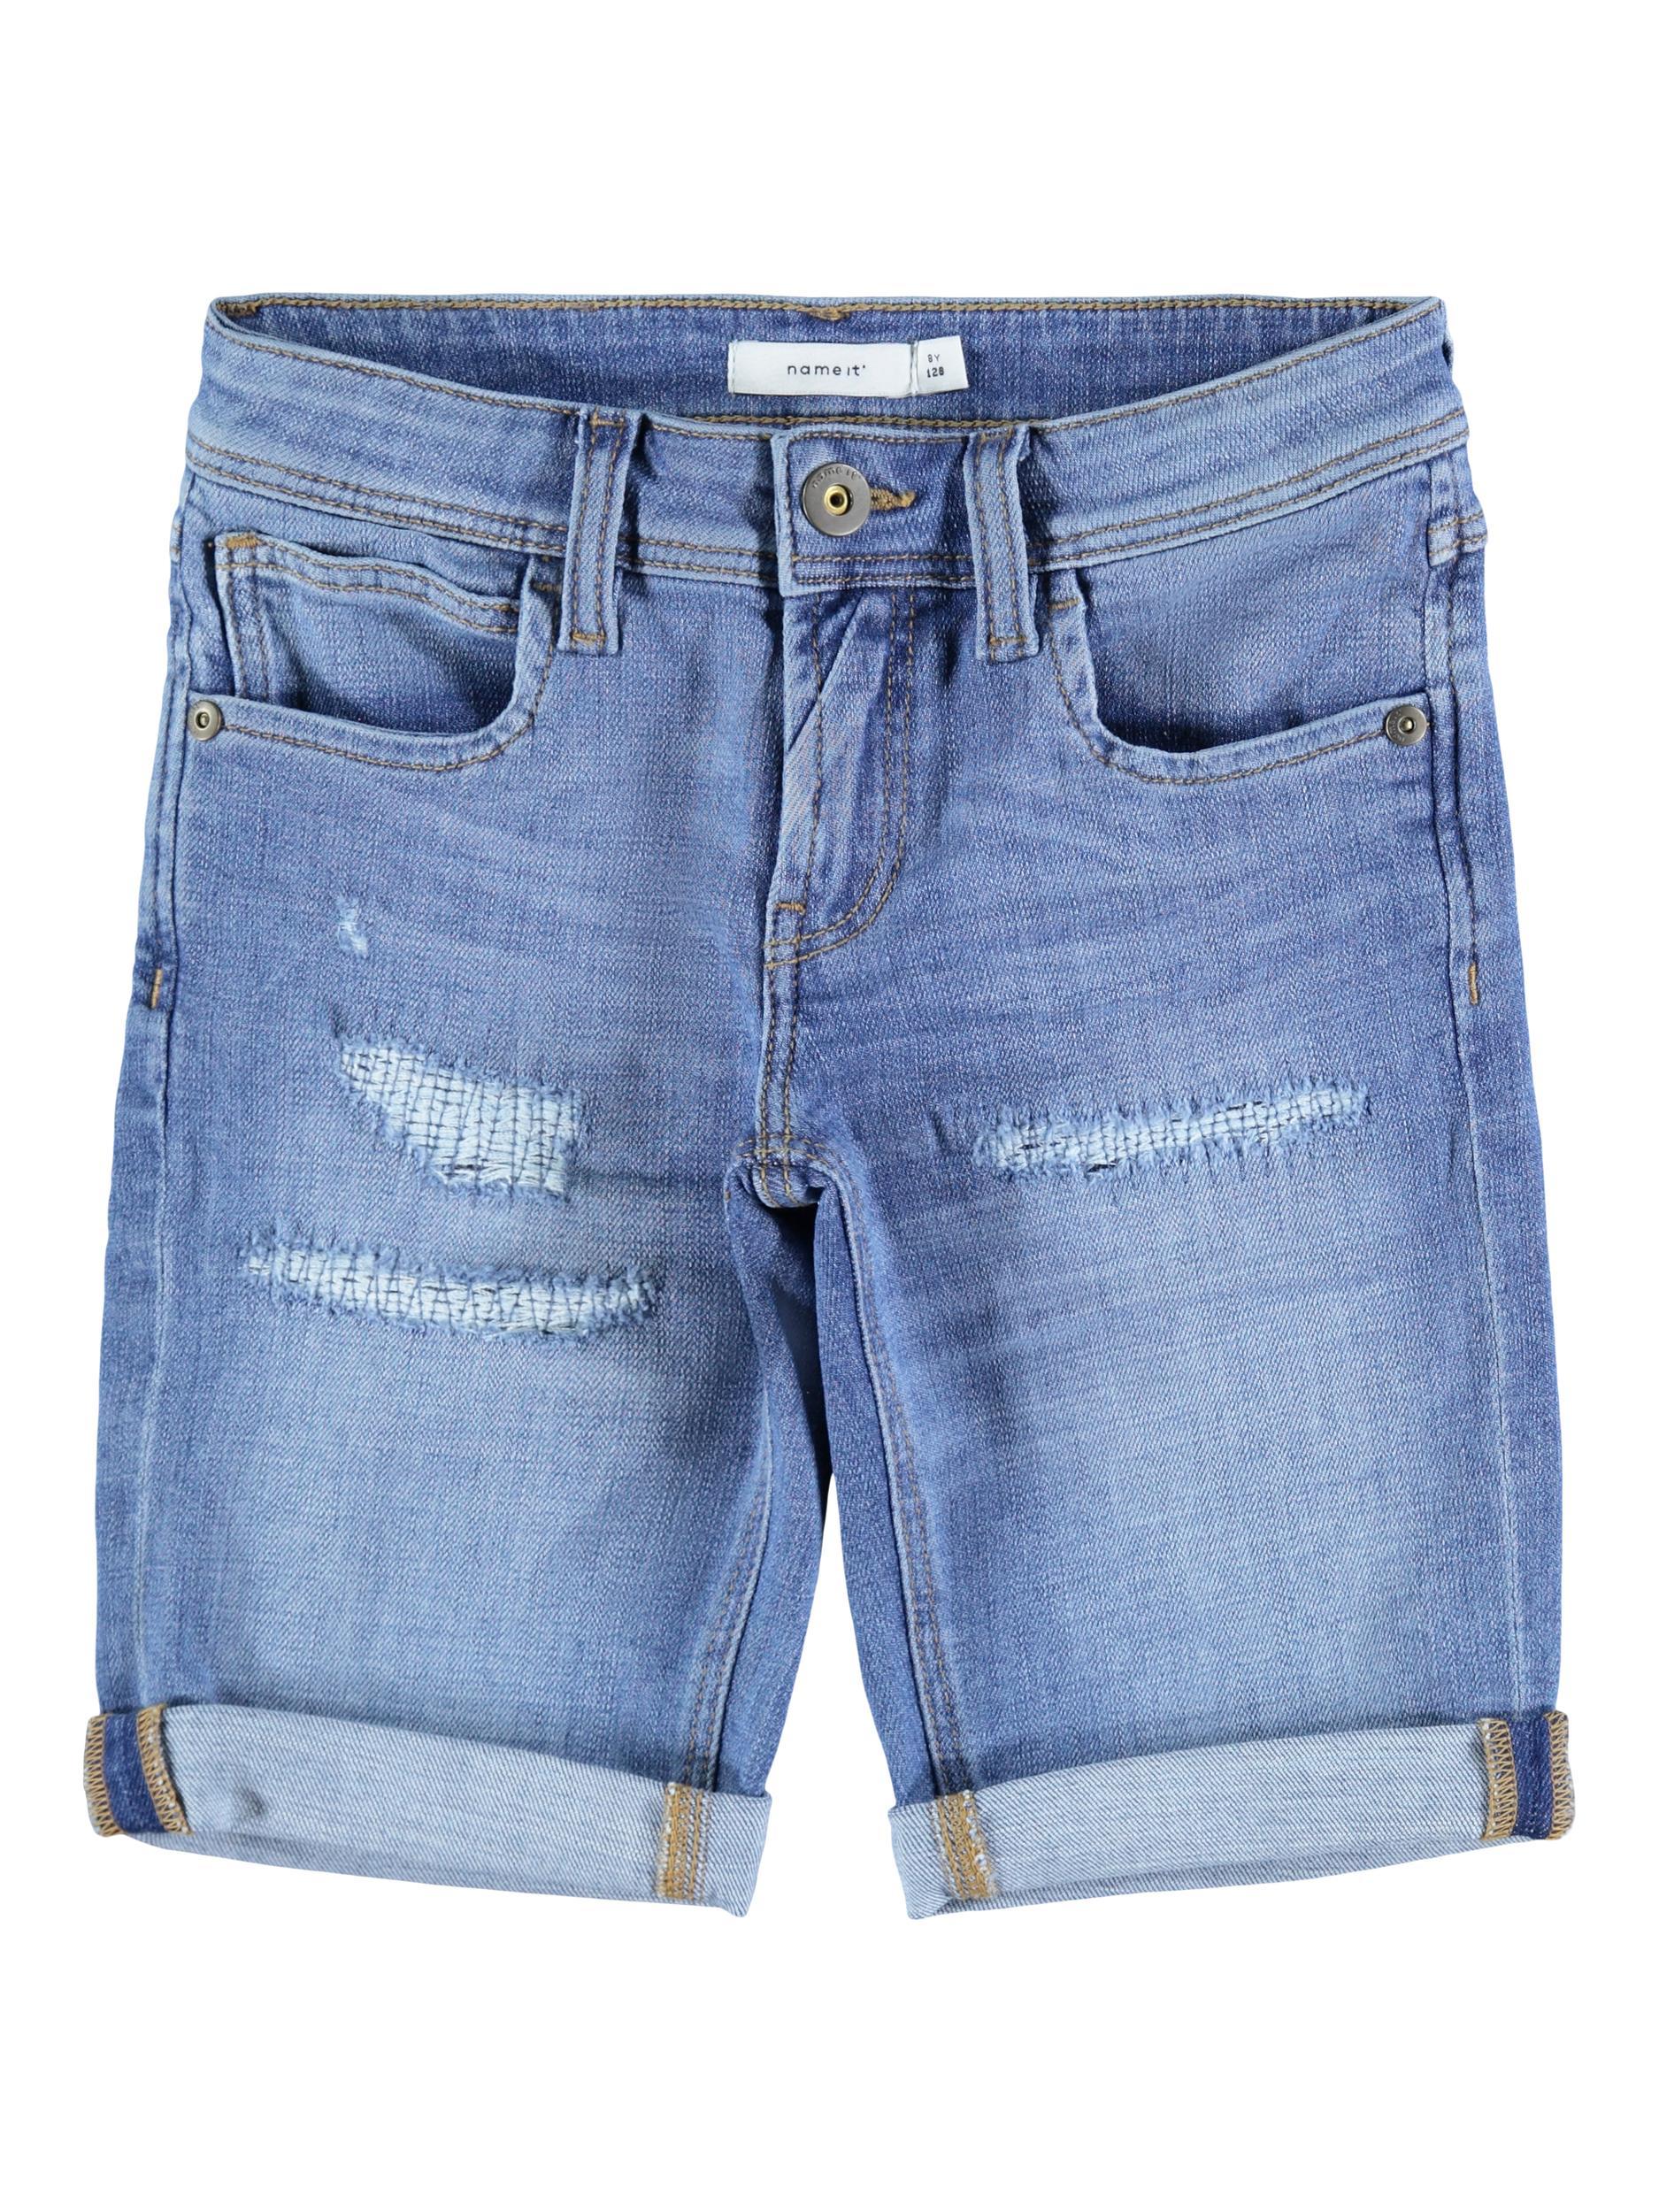 Name It Sofus Texas shorts